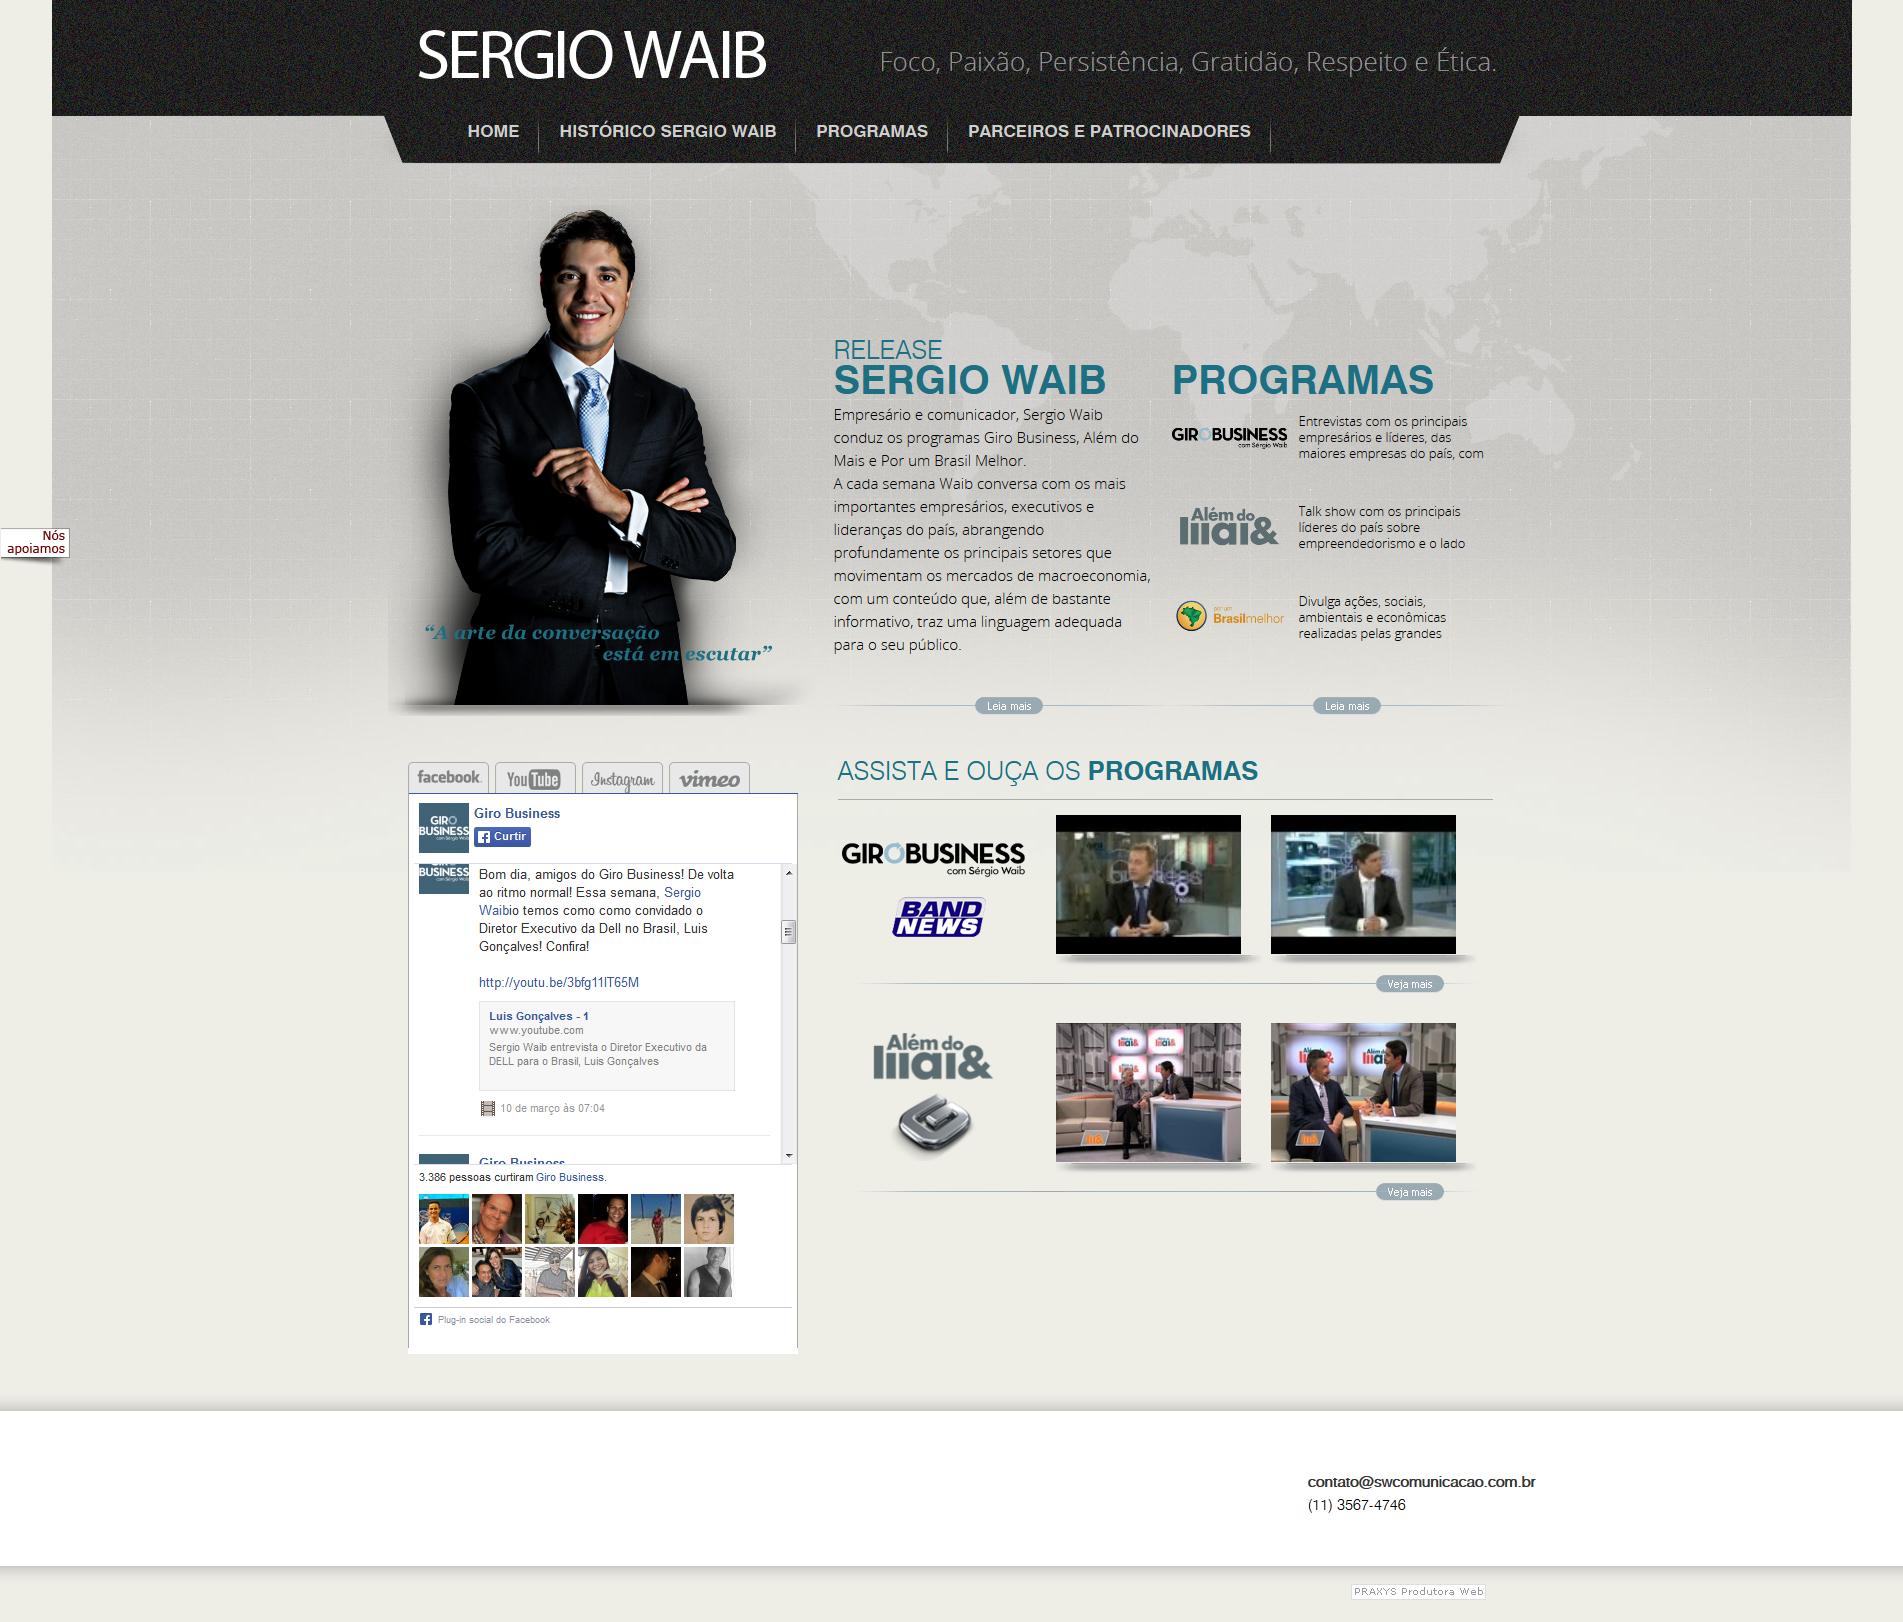 Imagem do projeto Sergio Waib